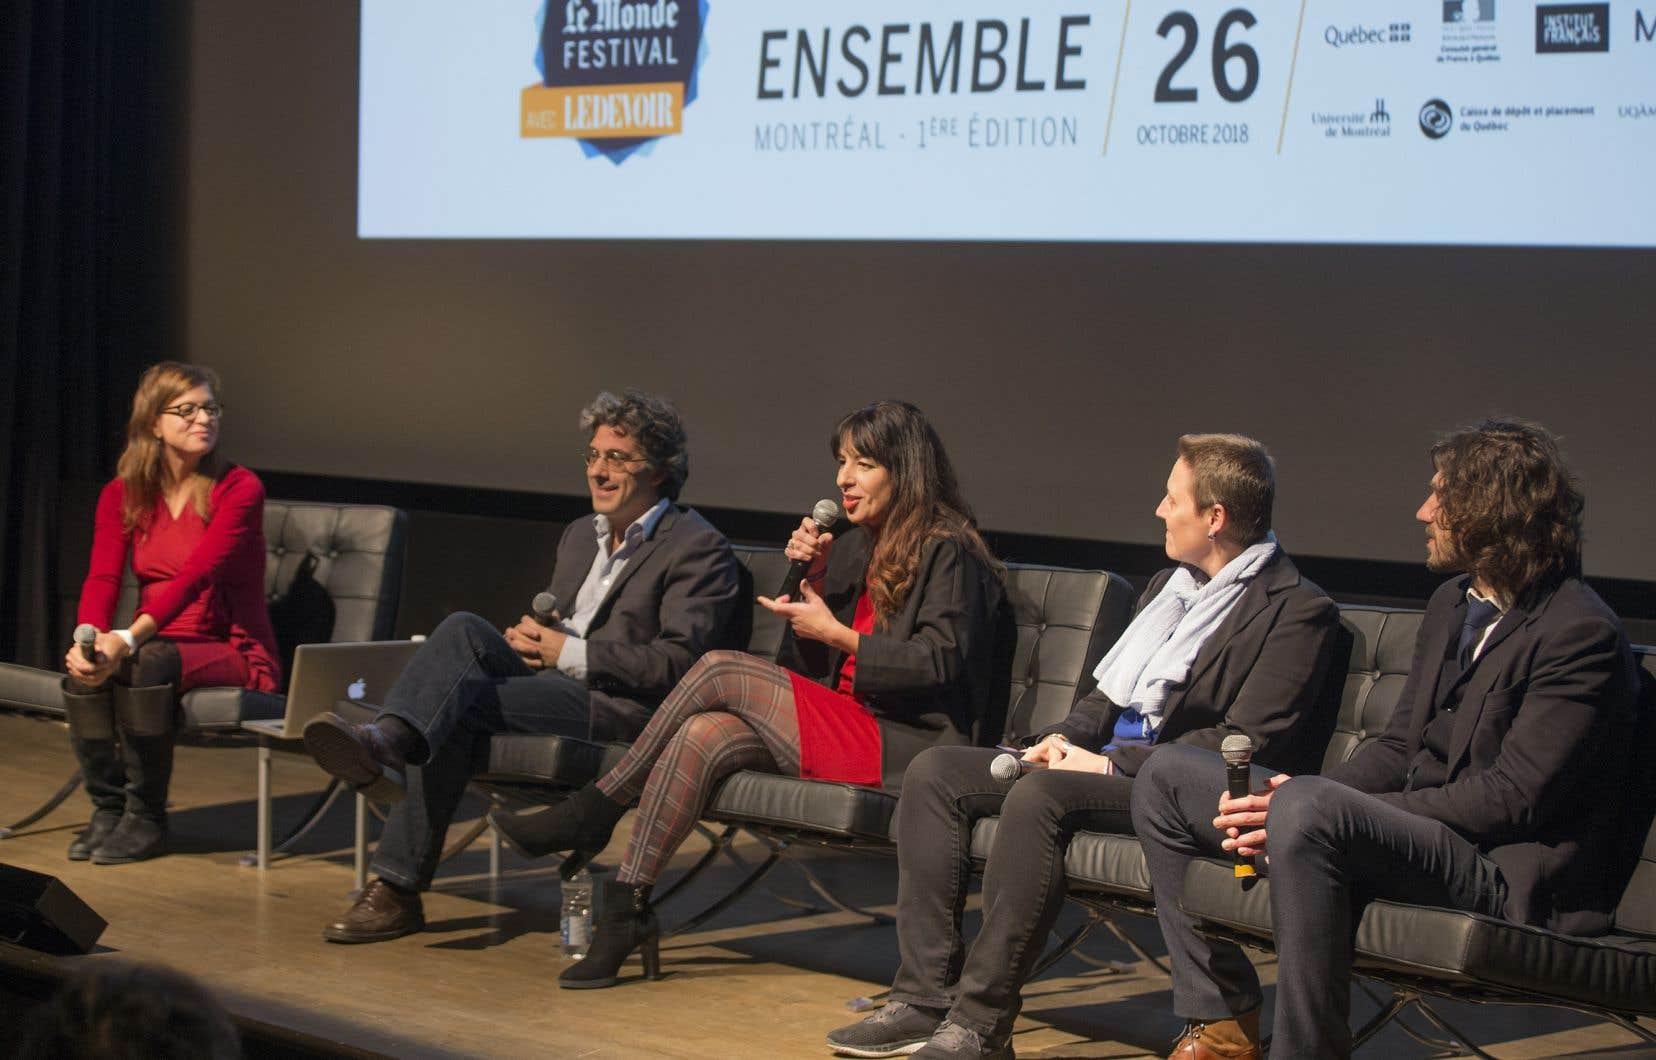 Le Monde Festival était présenté pour la première fois l'an dernier à Montréal.